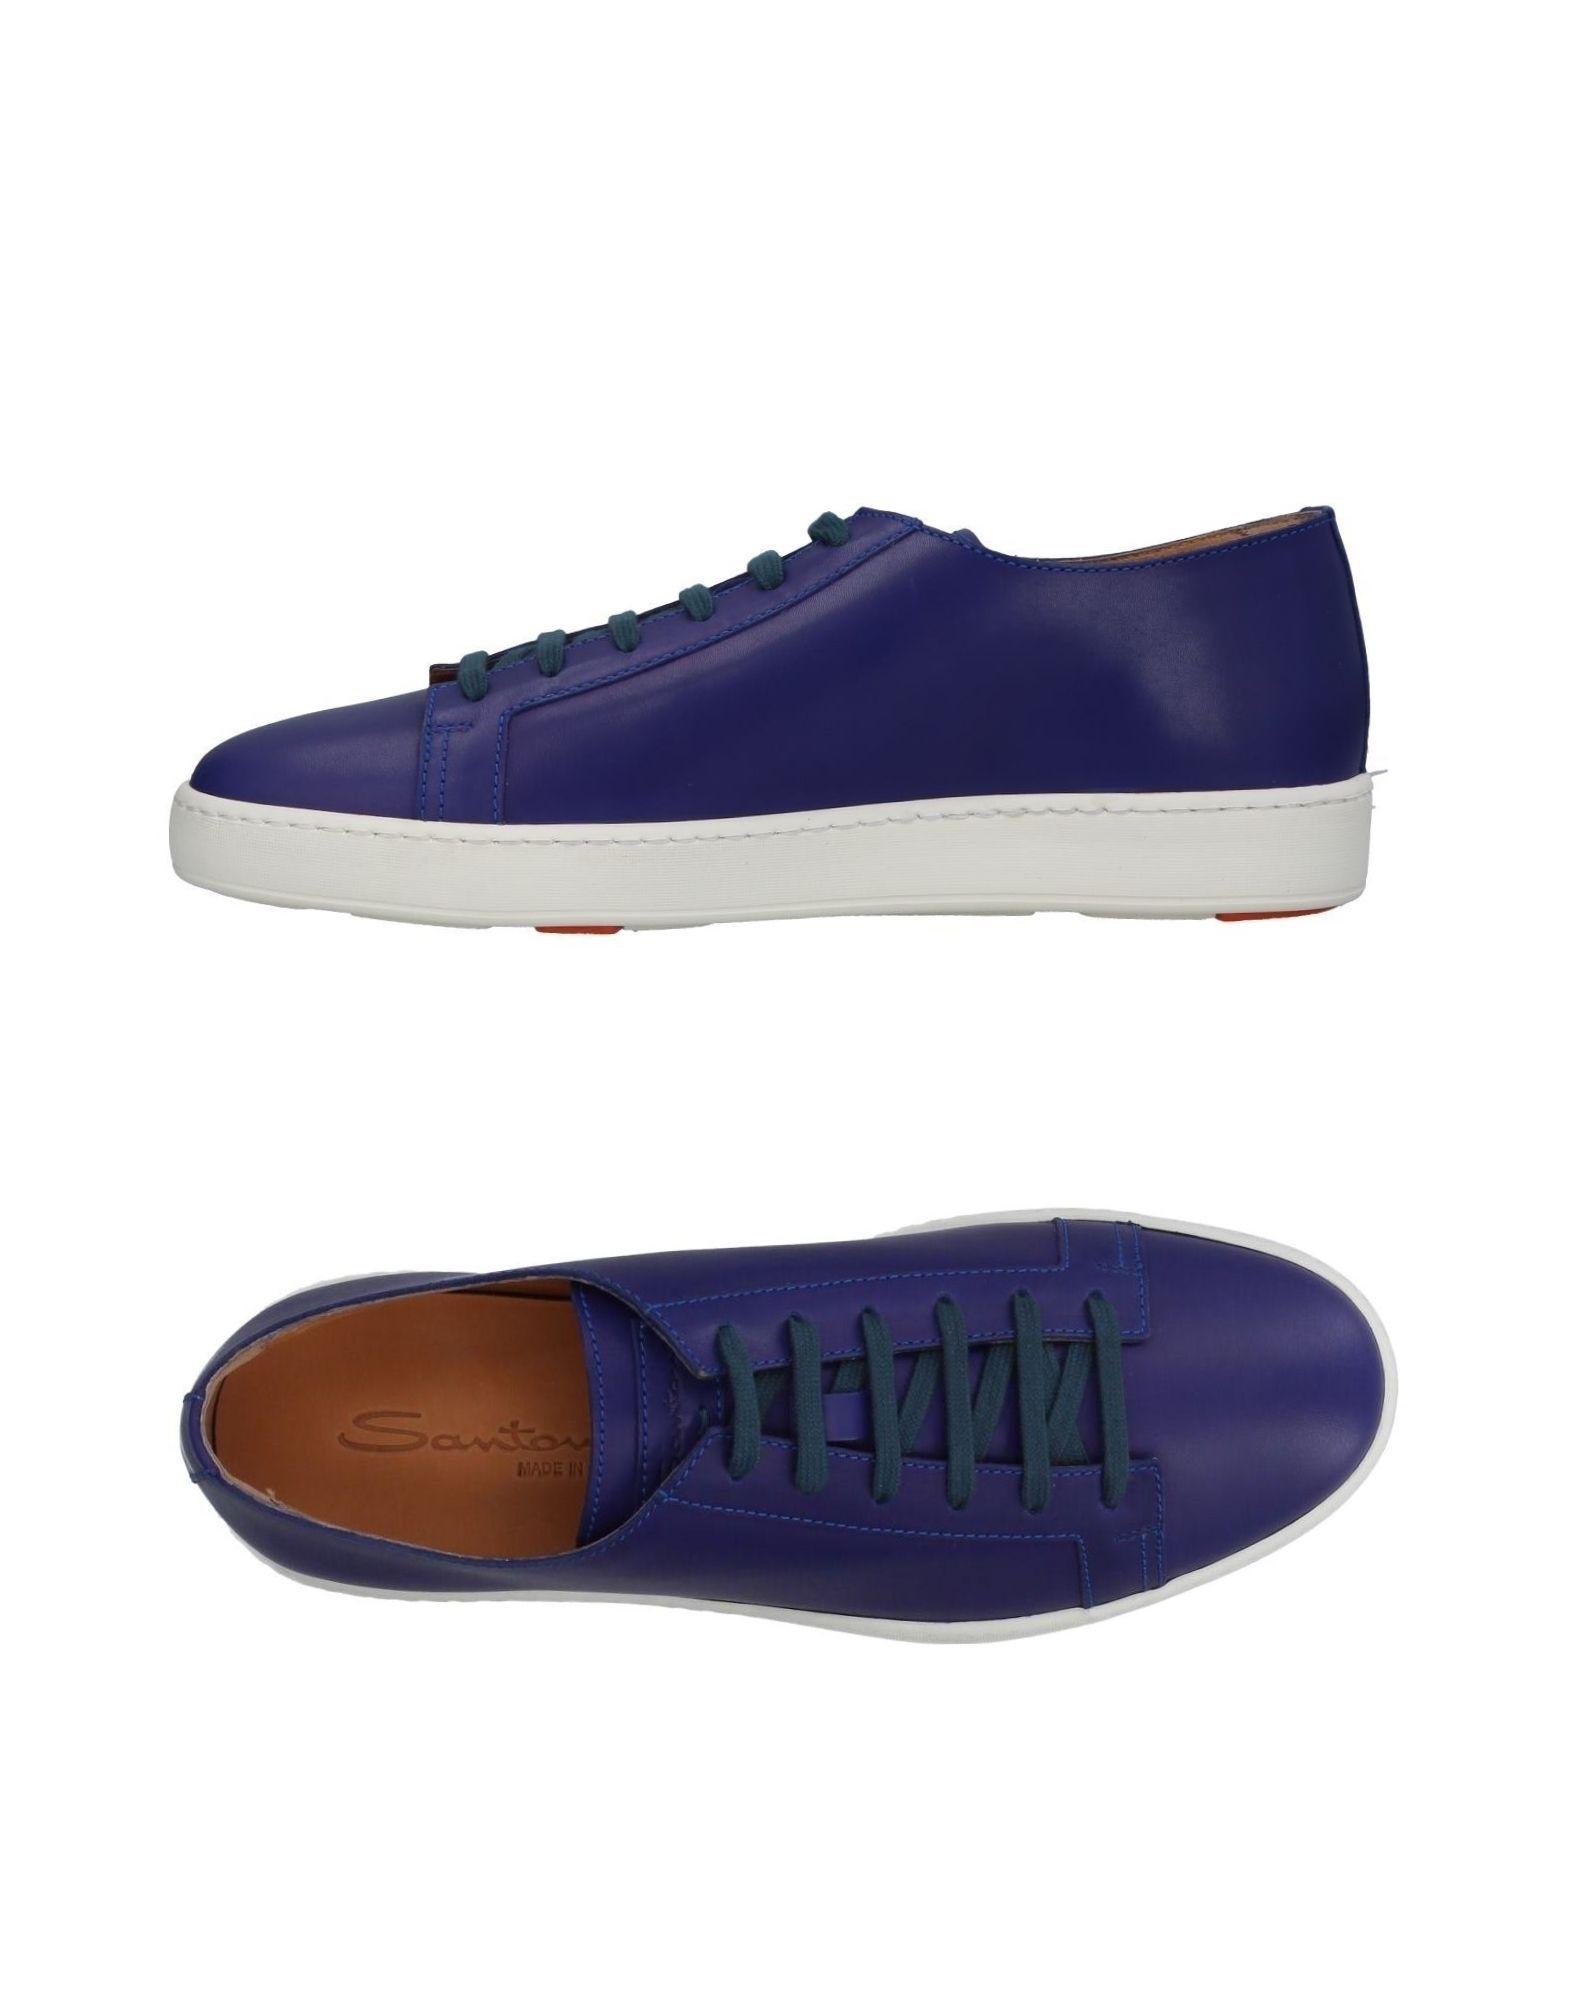 Santoni Sneakers Herren  11409955JX Gute Qualität beliebte Schuhe